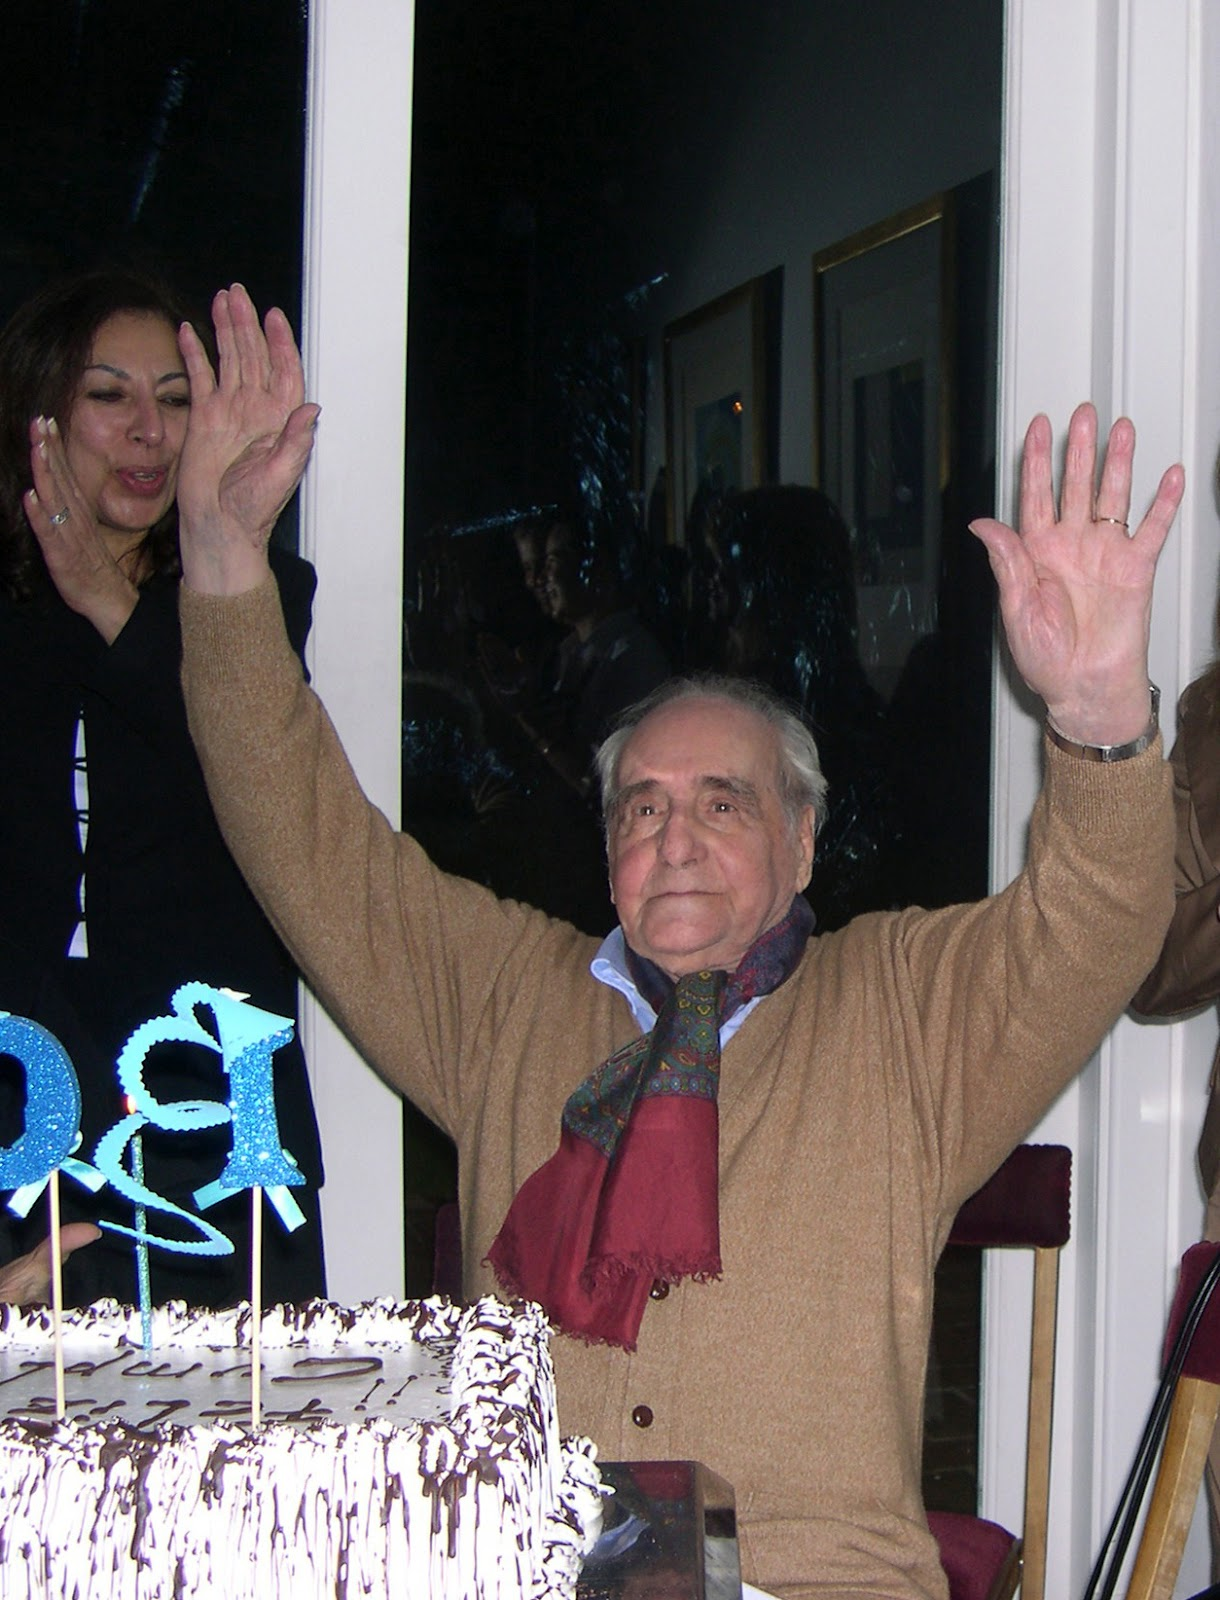 http://3.bp.blogspot.com/-9cg8m_nYN1o/T_FHsZSKjTI/AAAAAAAAXSU/KZywa0FqLk0/s1600/Horacio+Coppola+Alejandro+Ruiz+Luque+100.jpg